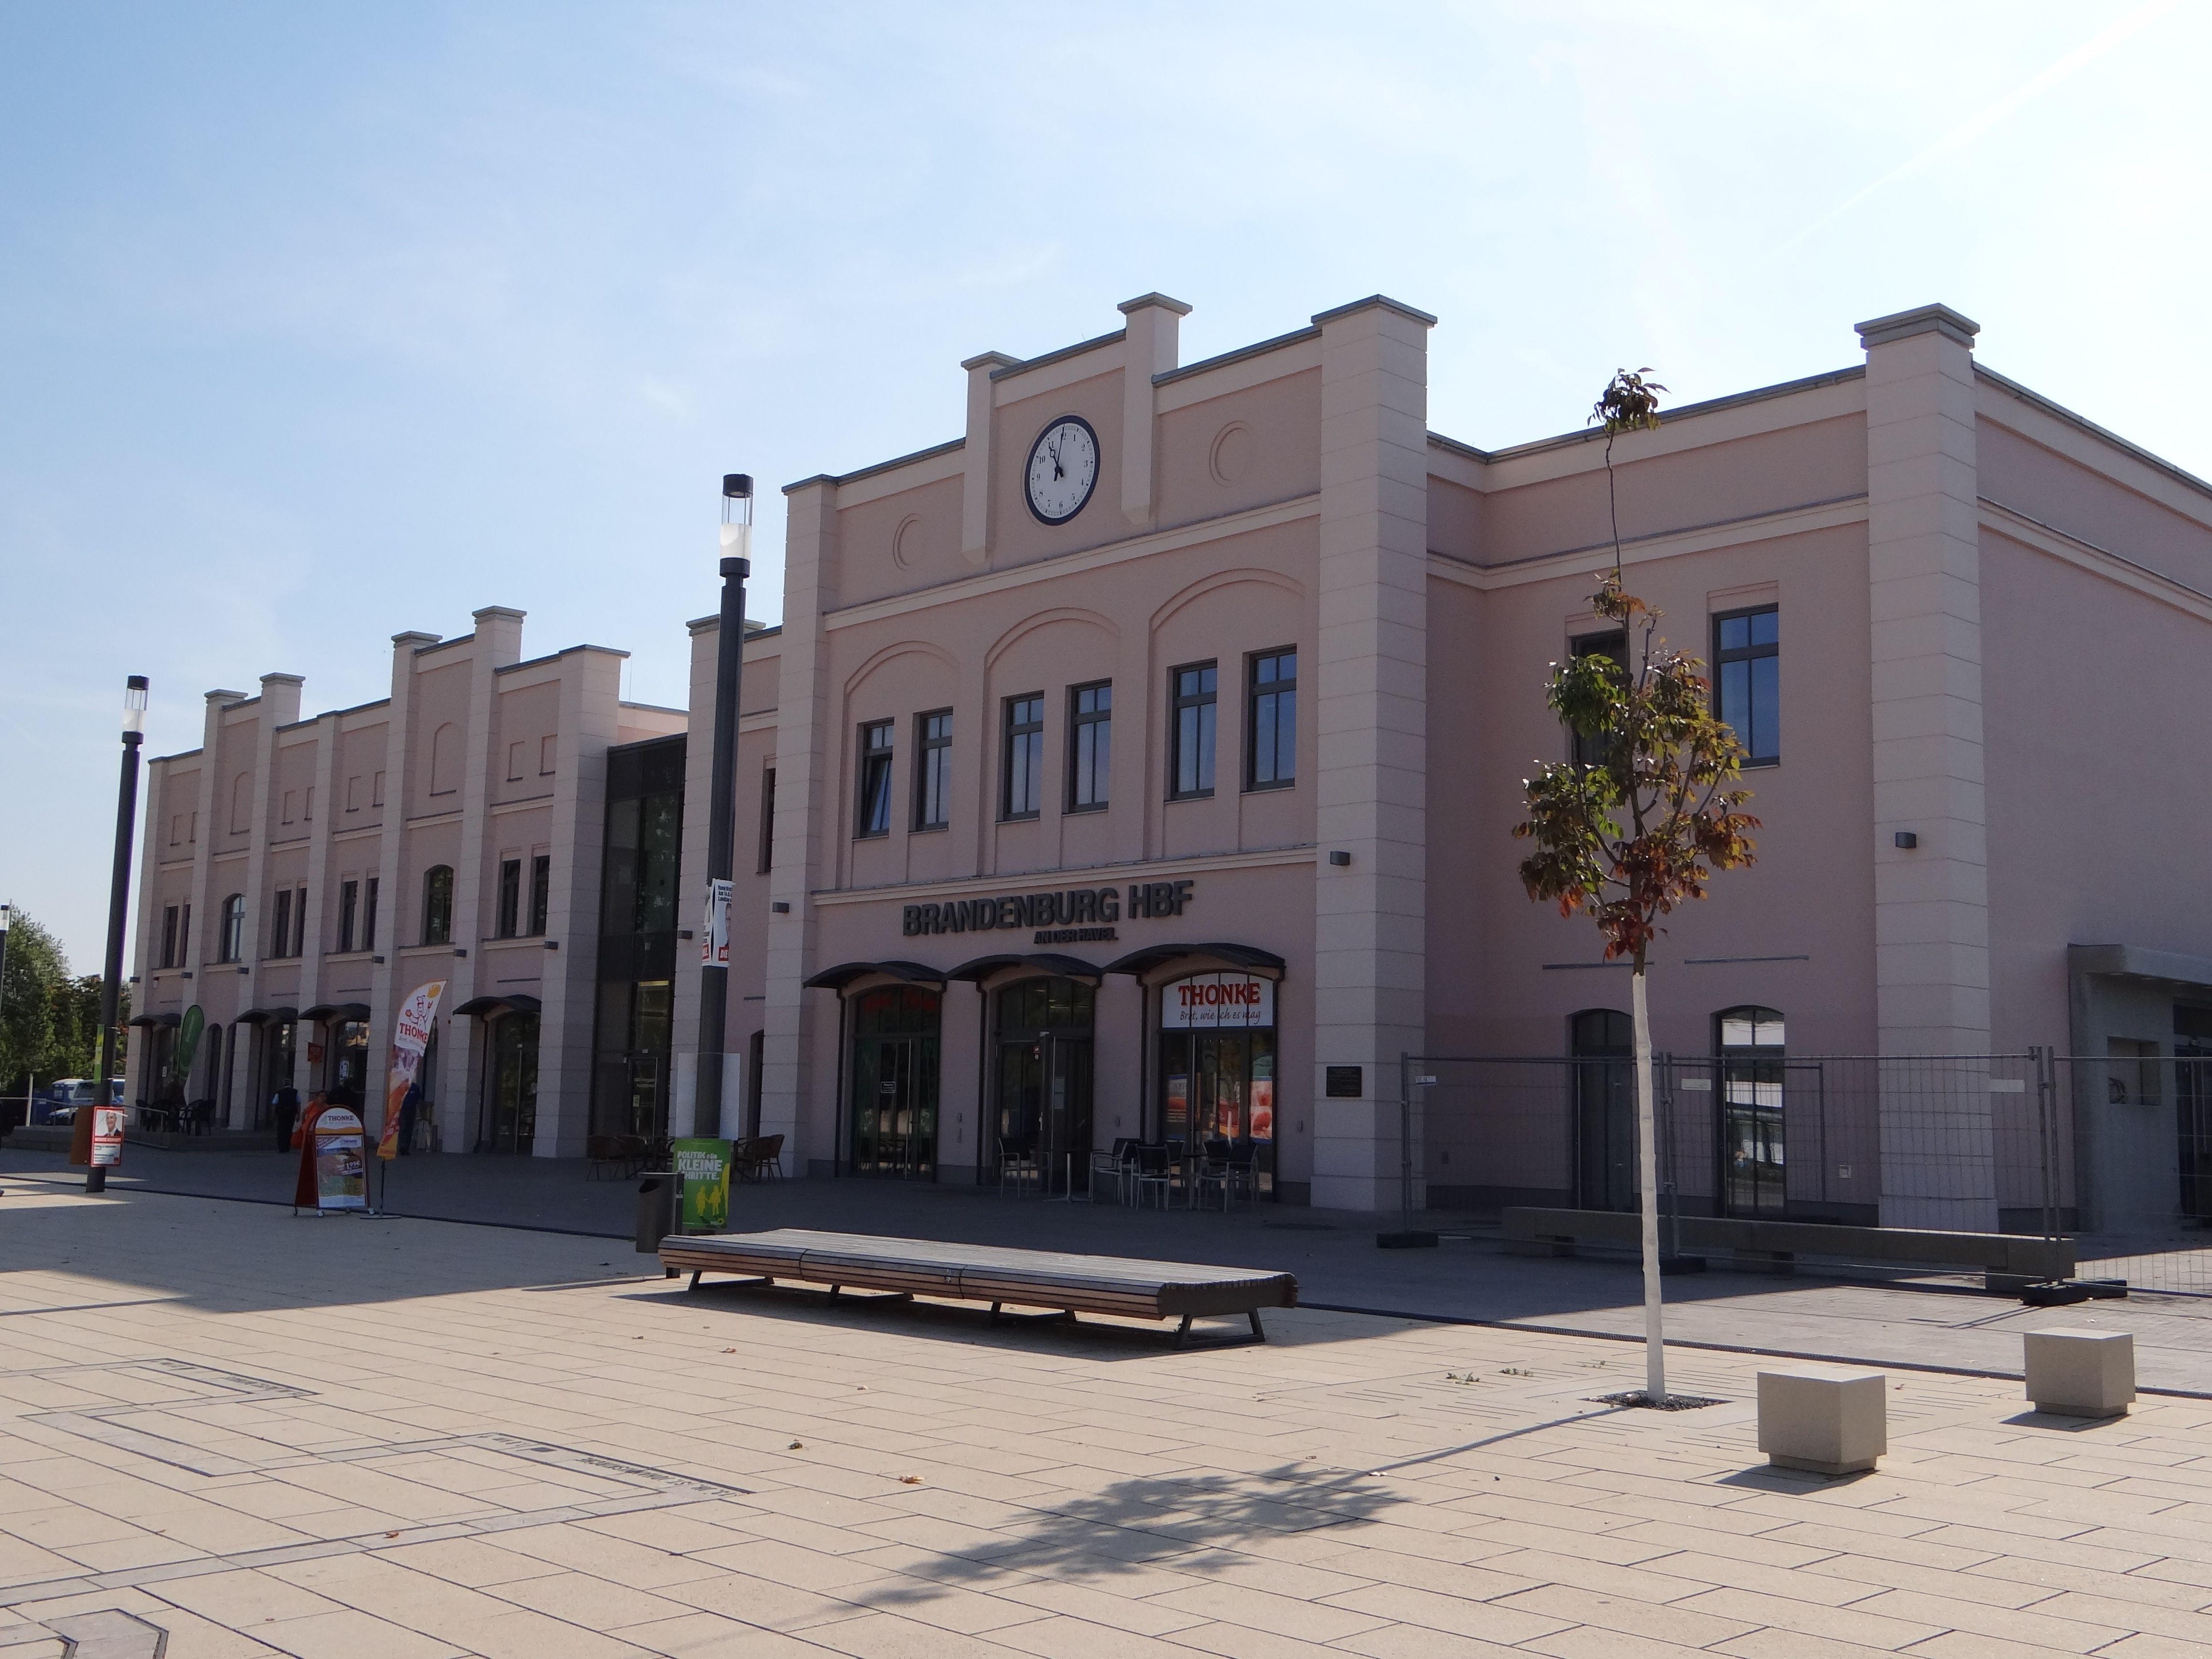 Bahnhofsgebaude Von Brandenburg An Der Havel Hauptbahnhof Brandenburg Hauptbahnhof Brandenburg Hauptbahnhof Deutschland